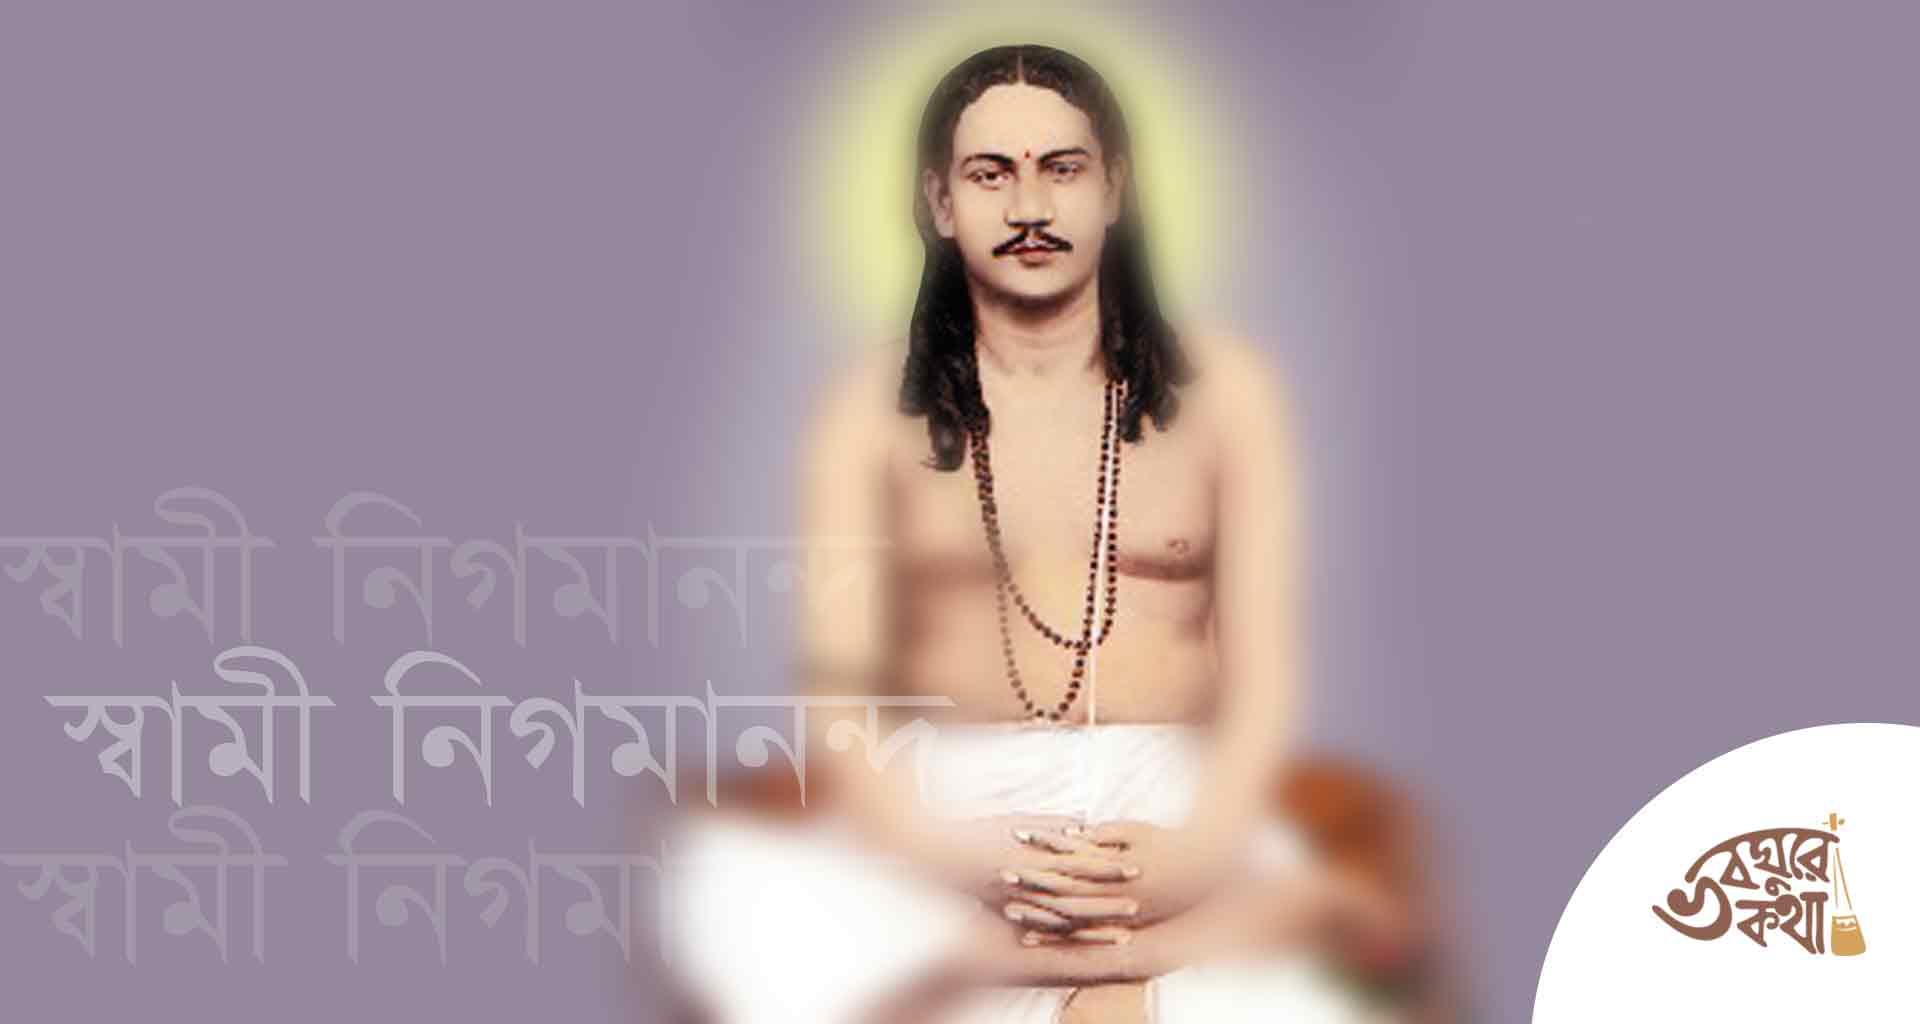 স্বামী নিগমানন্দ পরমহংস